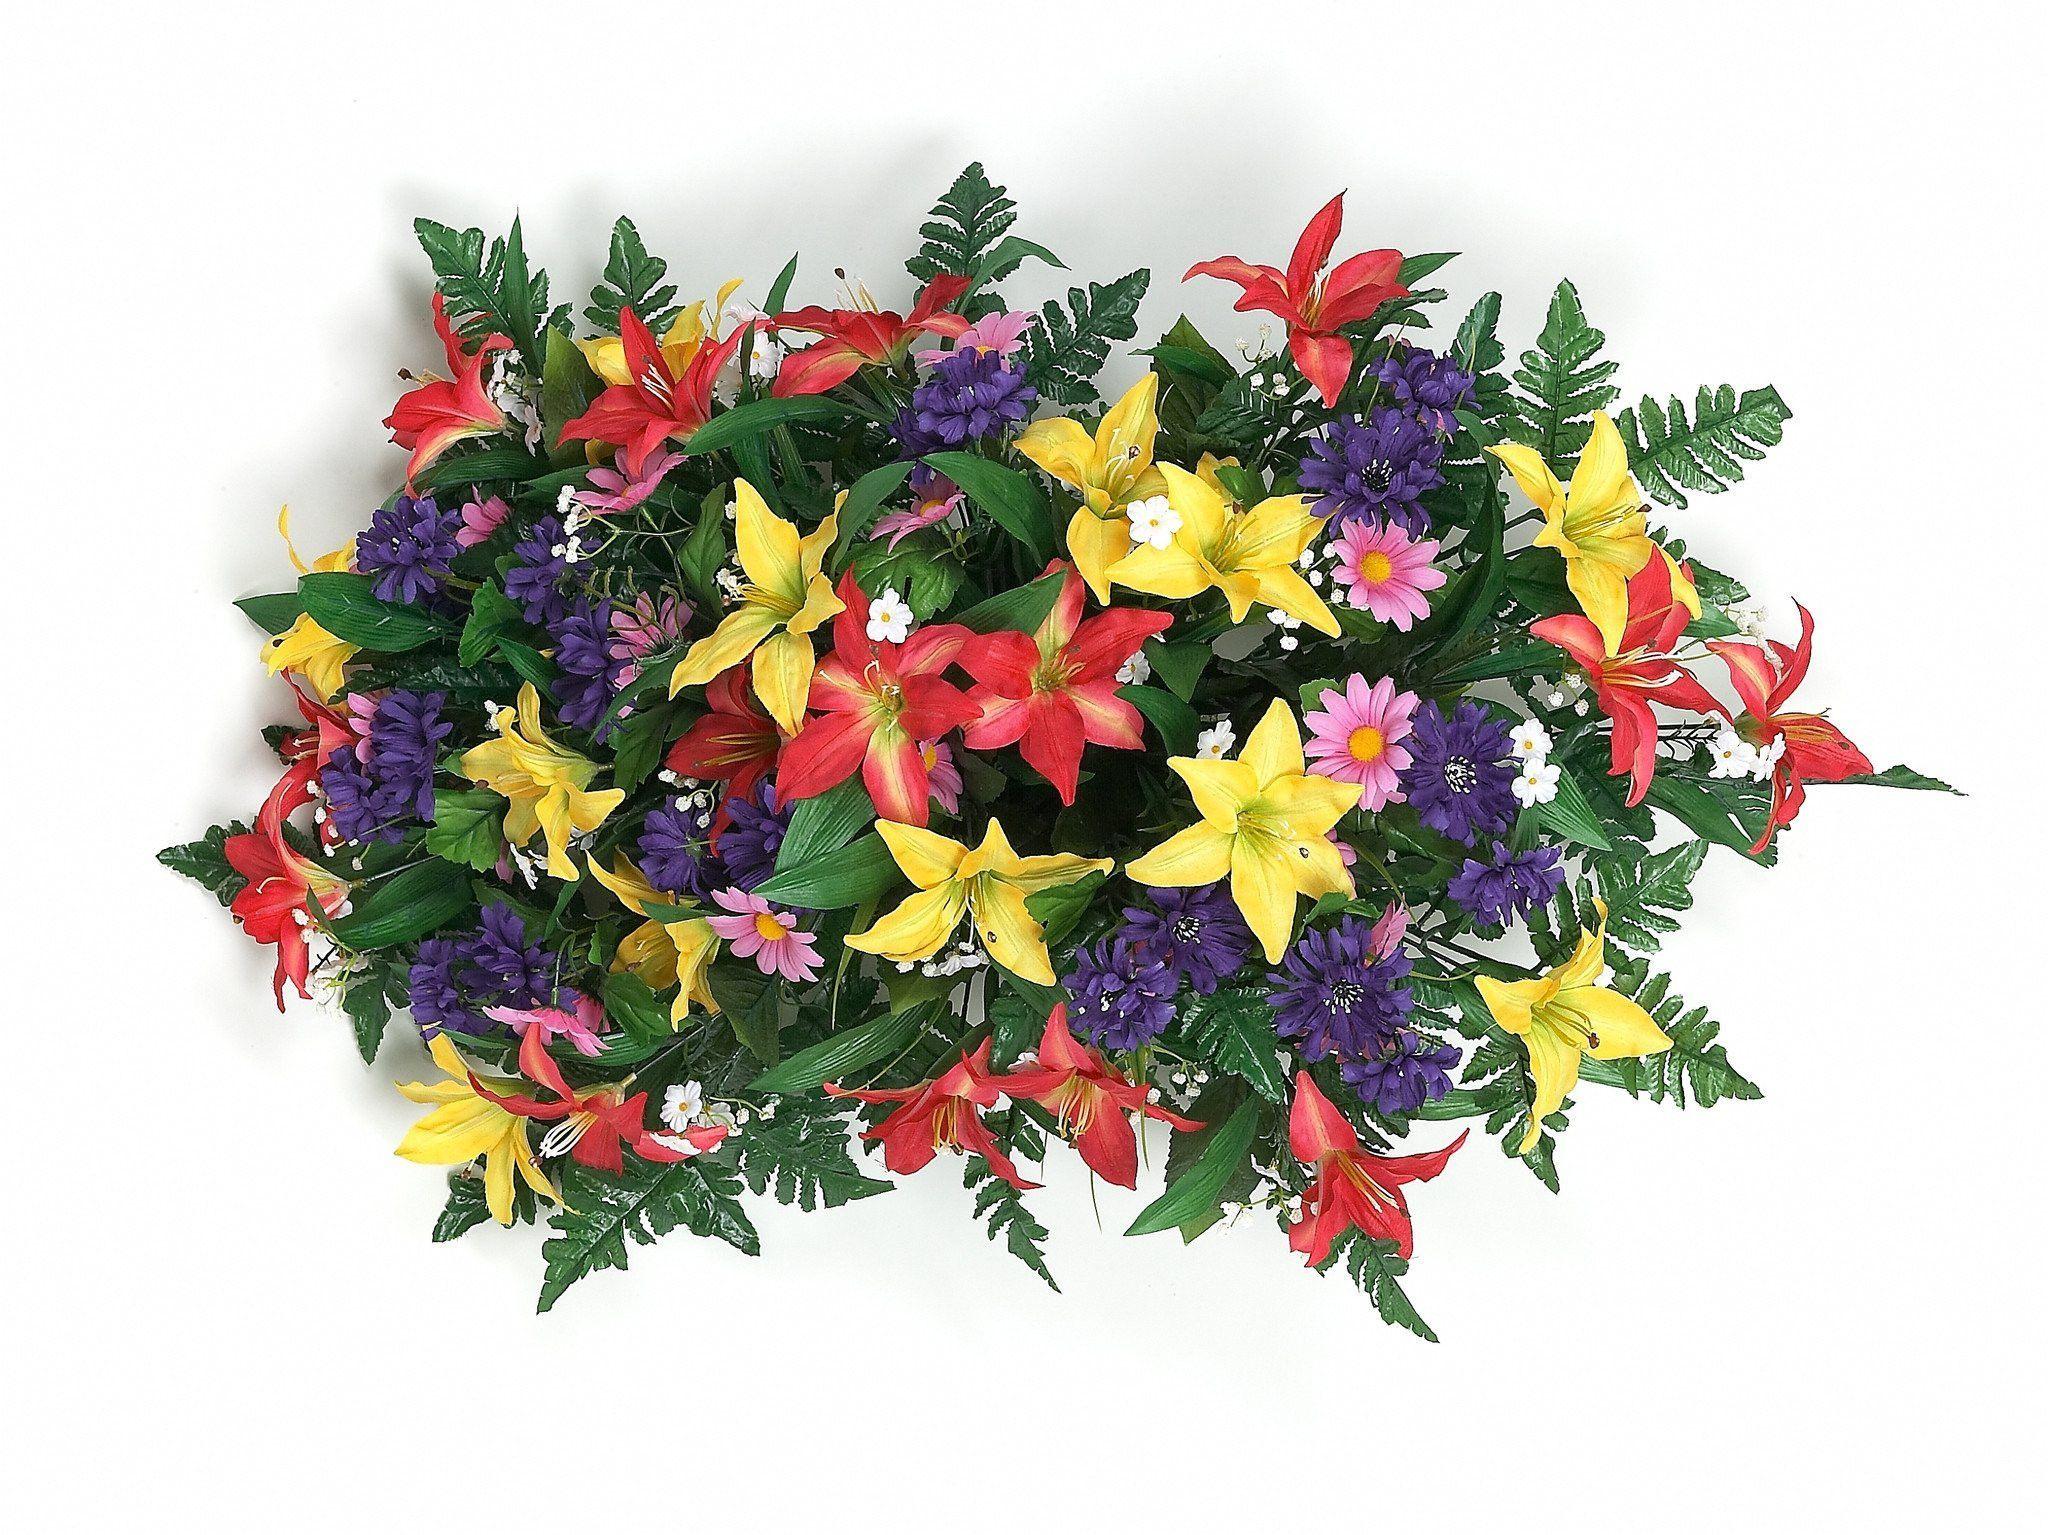 Tiger Lily Headstone Spray With Orangeyellowpurplefuchsia Flowers